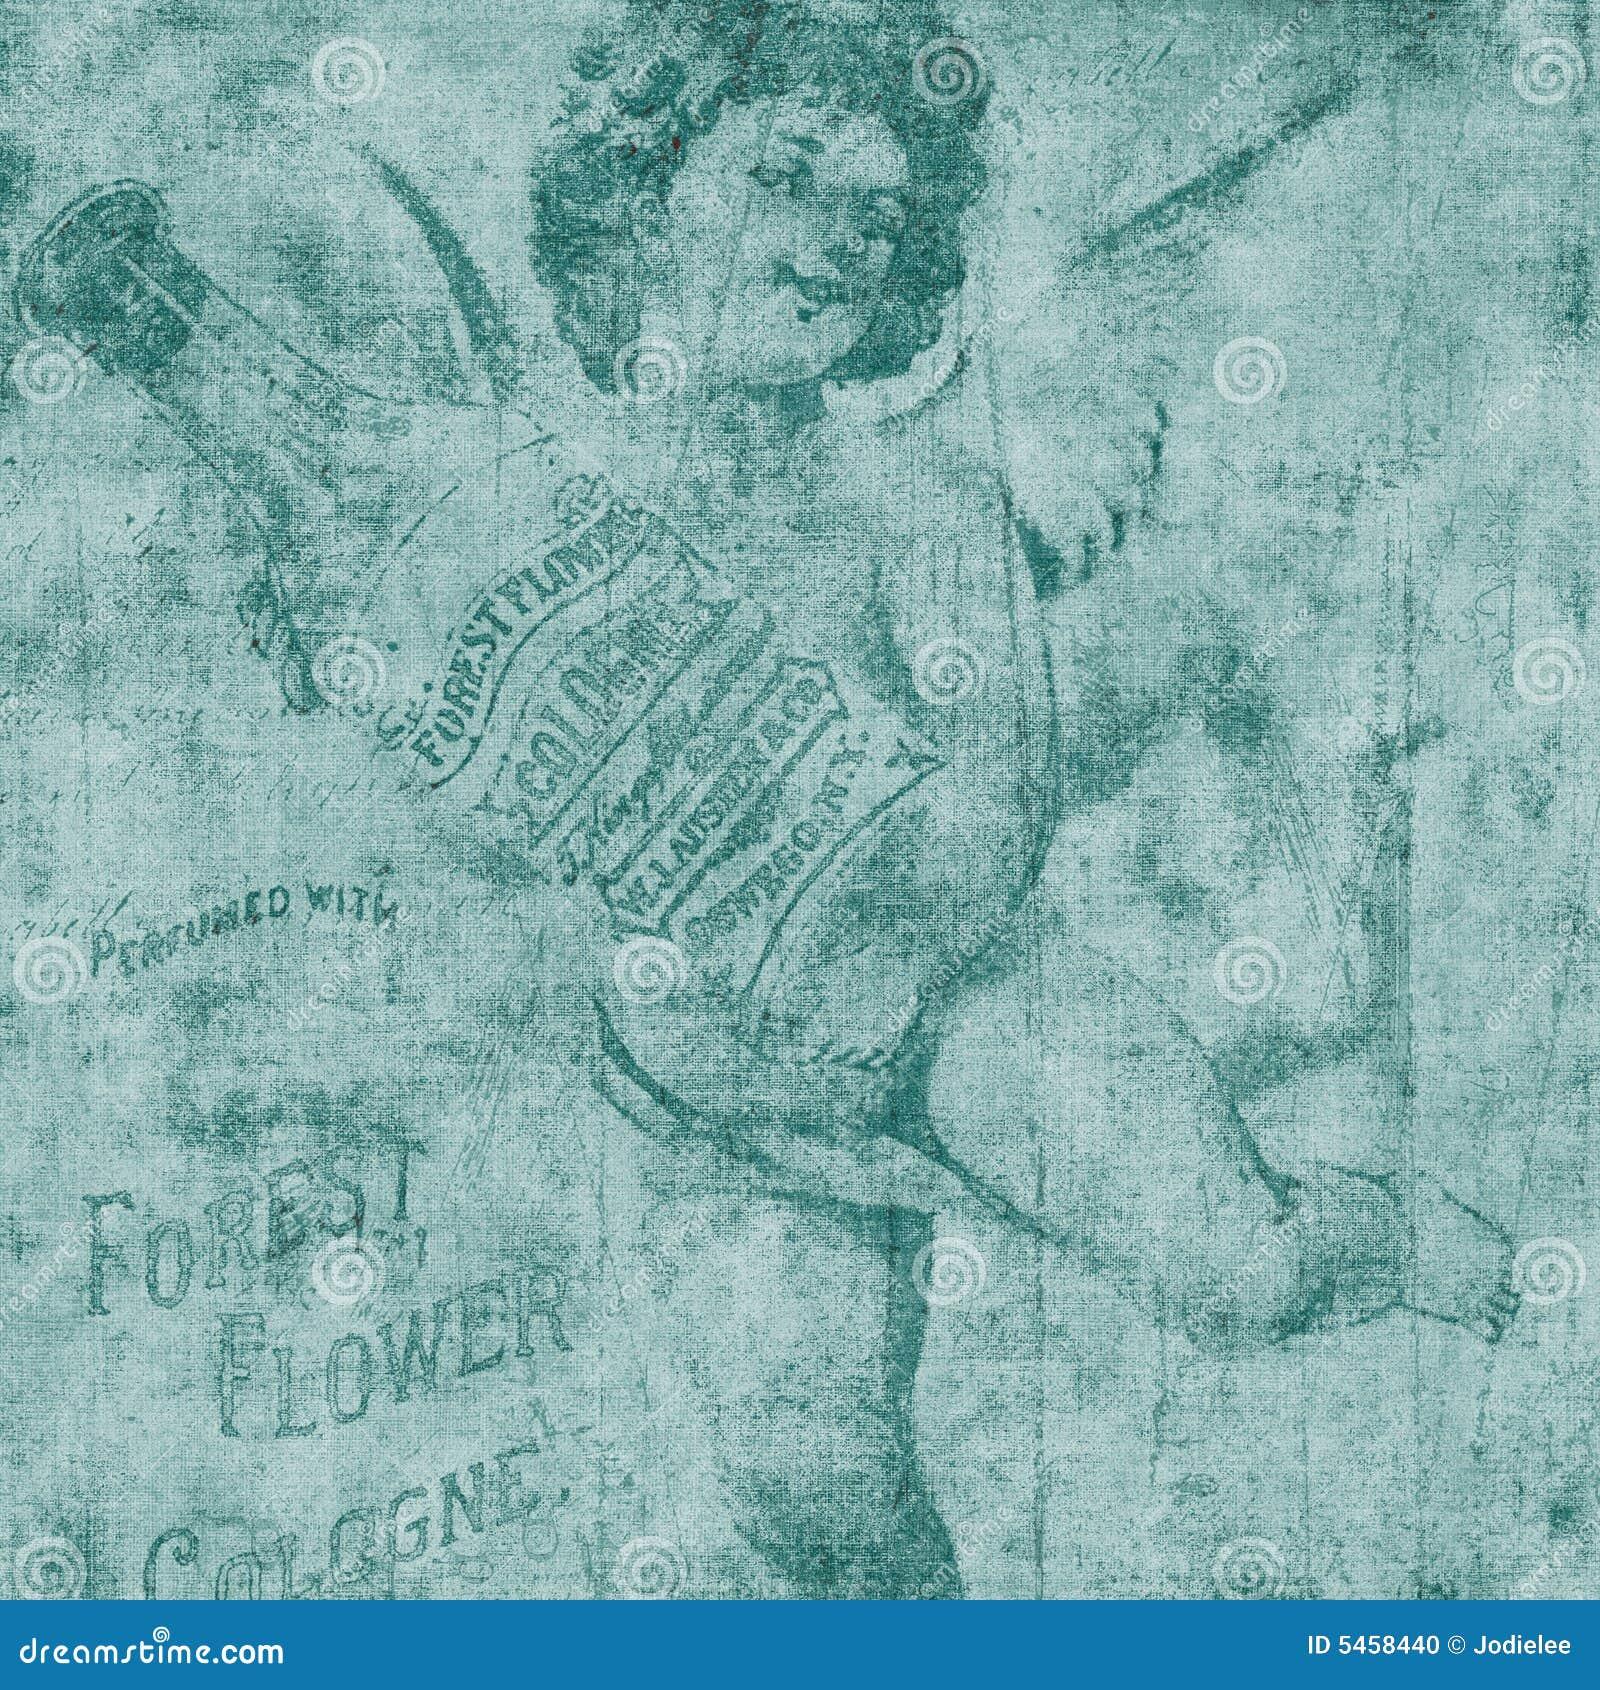 Angel or Cherub cologne picture